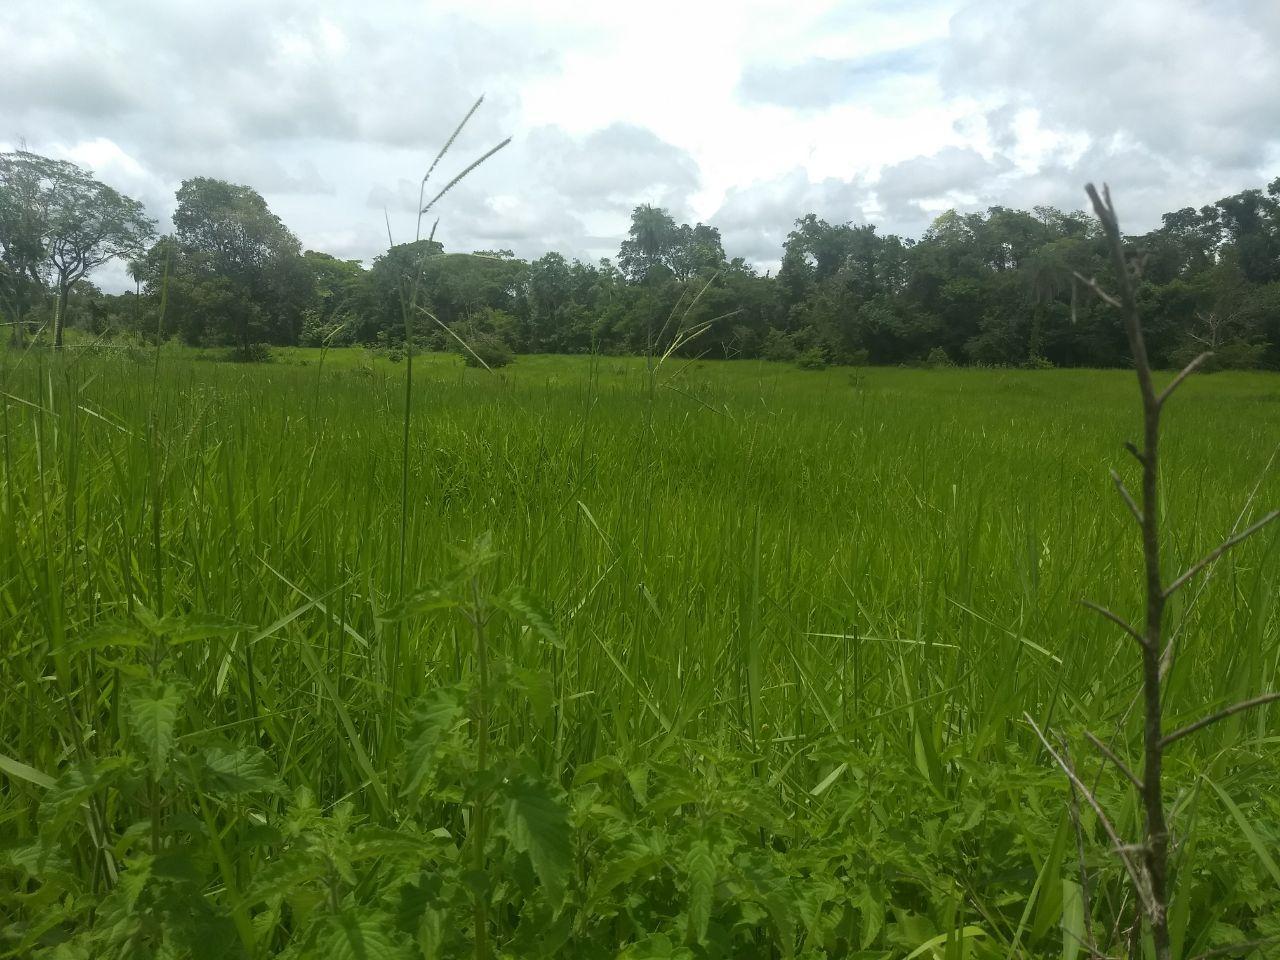 FOTO1 - Fazenda à venda Rua Logradouro Sem Nome,Zona Rural, Vila Propício - R$ 10.000.000 - FA0001 - 3